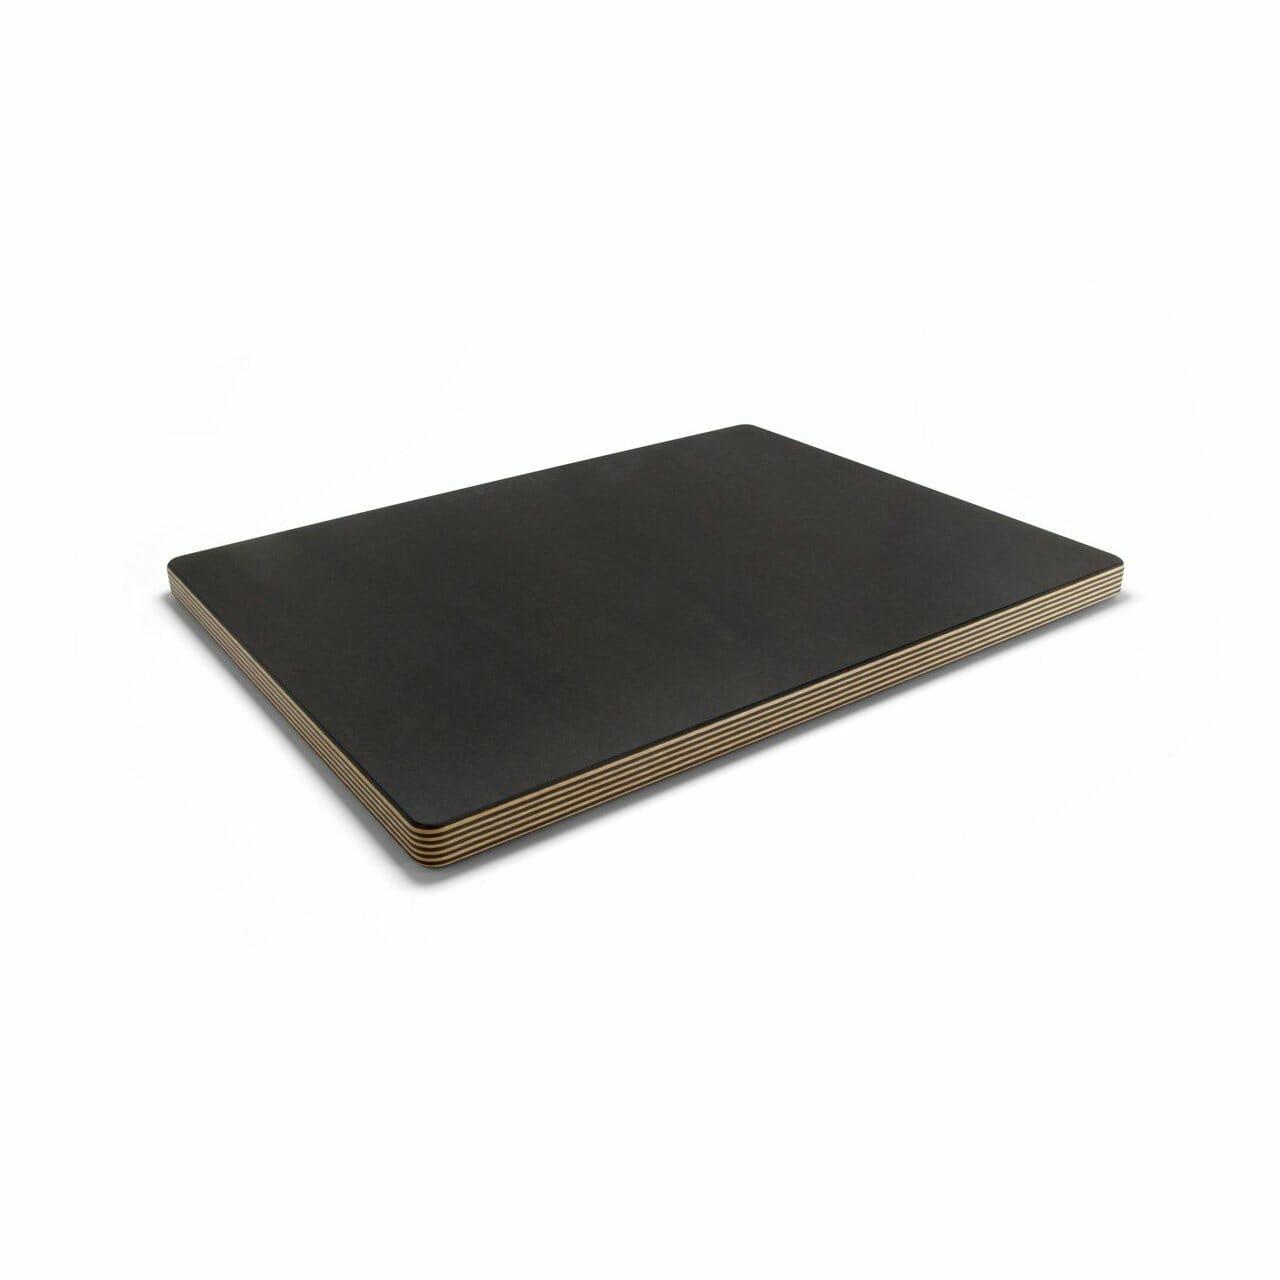 Epicurean big block cutting board